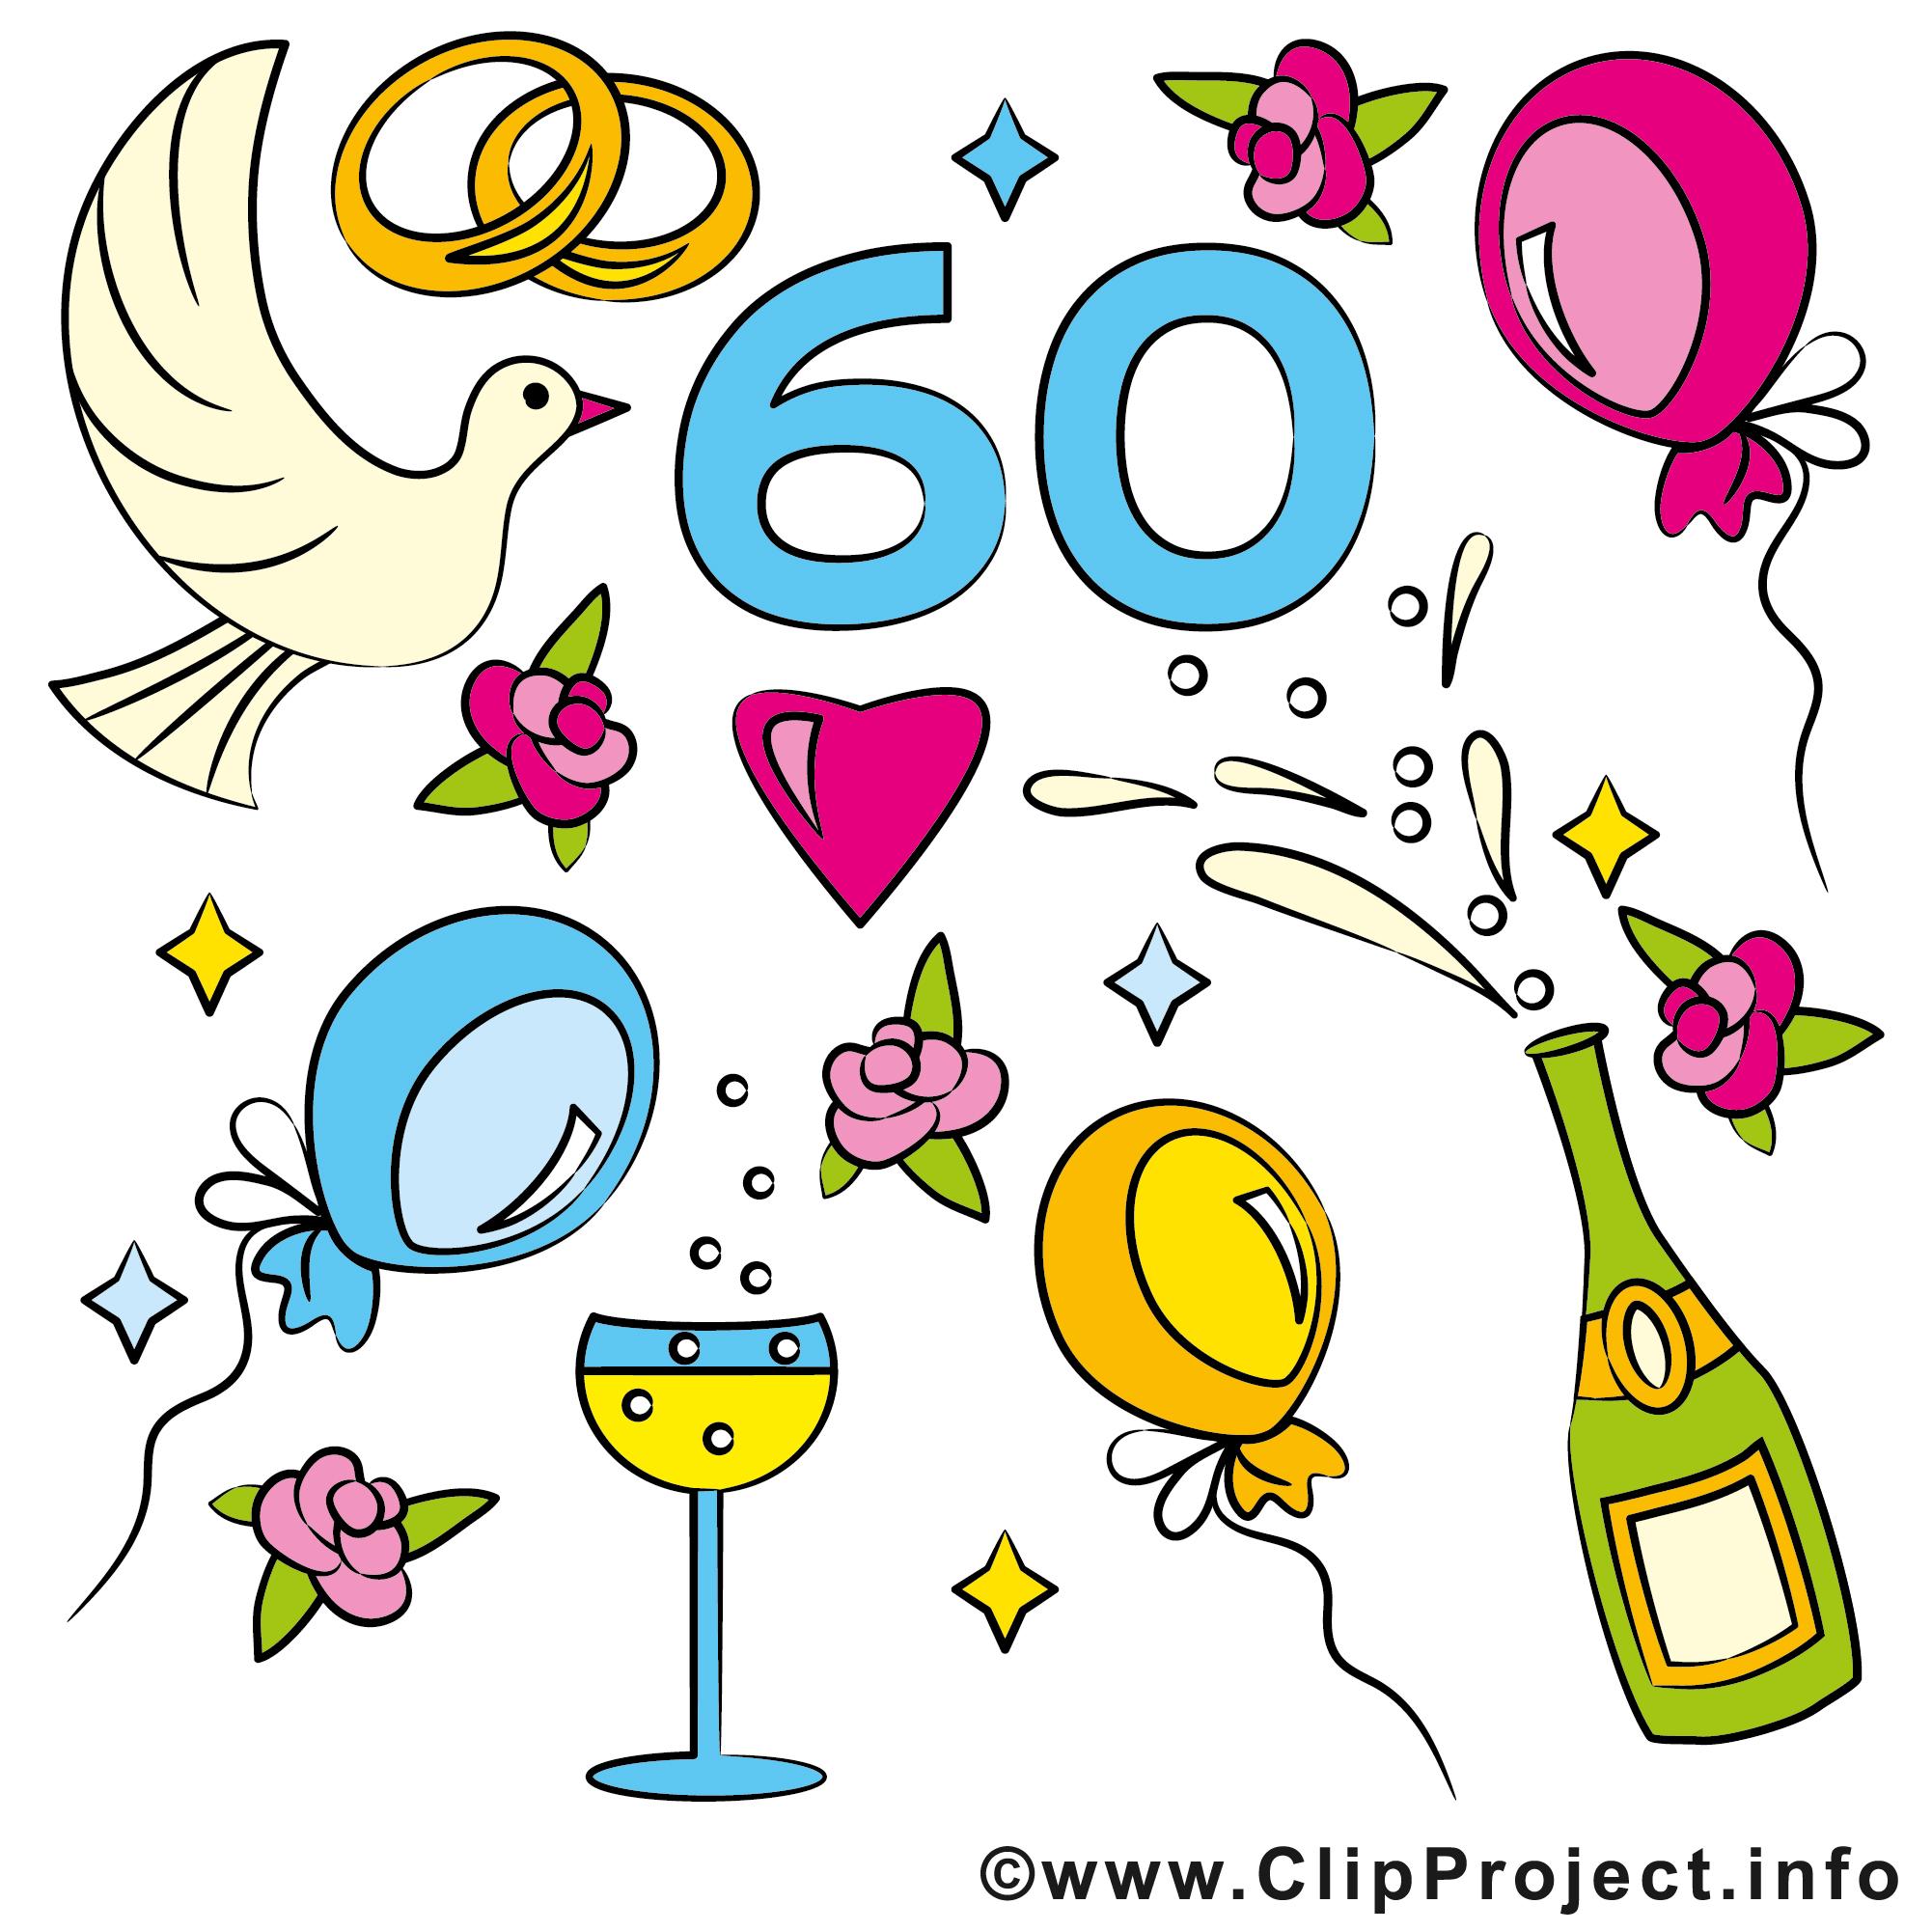 60 ans champagne anniversaire mariage dessin anniversaires de mariage dessin picture image - Clipart anniversaire gratuit telecharger ...